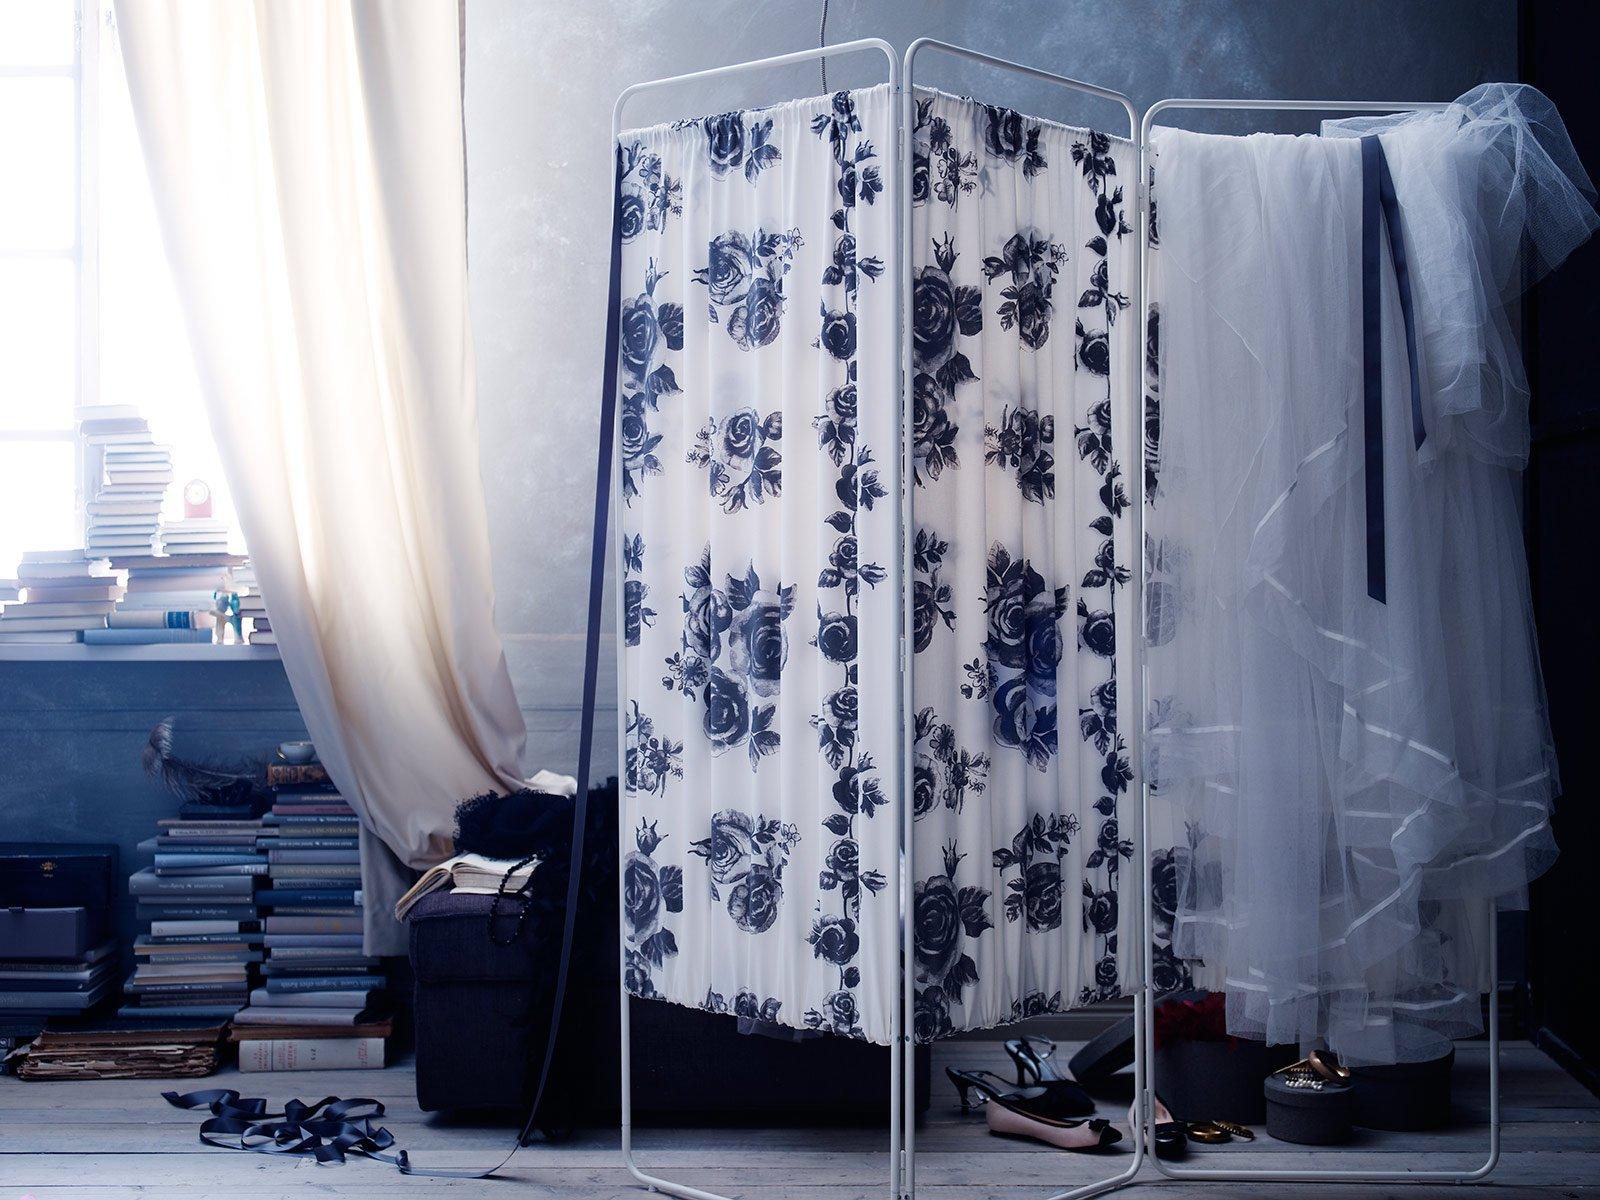 Soluzioni per separare cose di casa for Ikea paravento catalogo